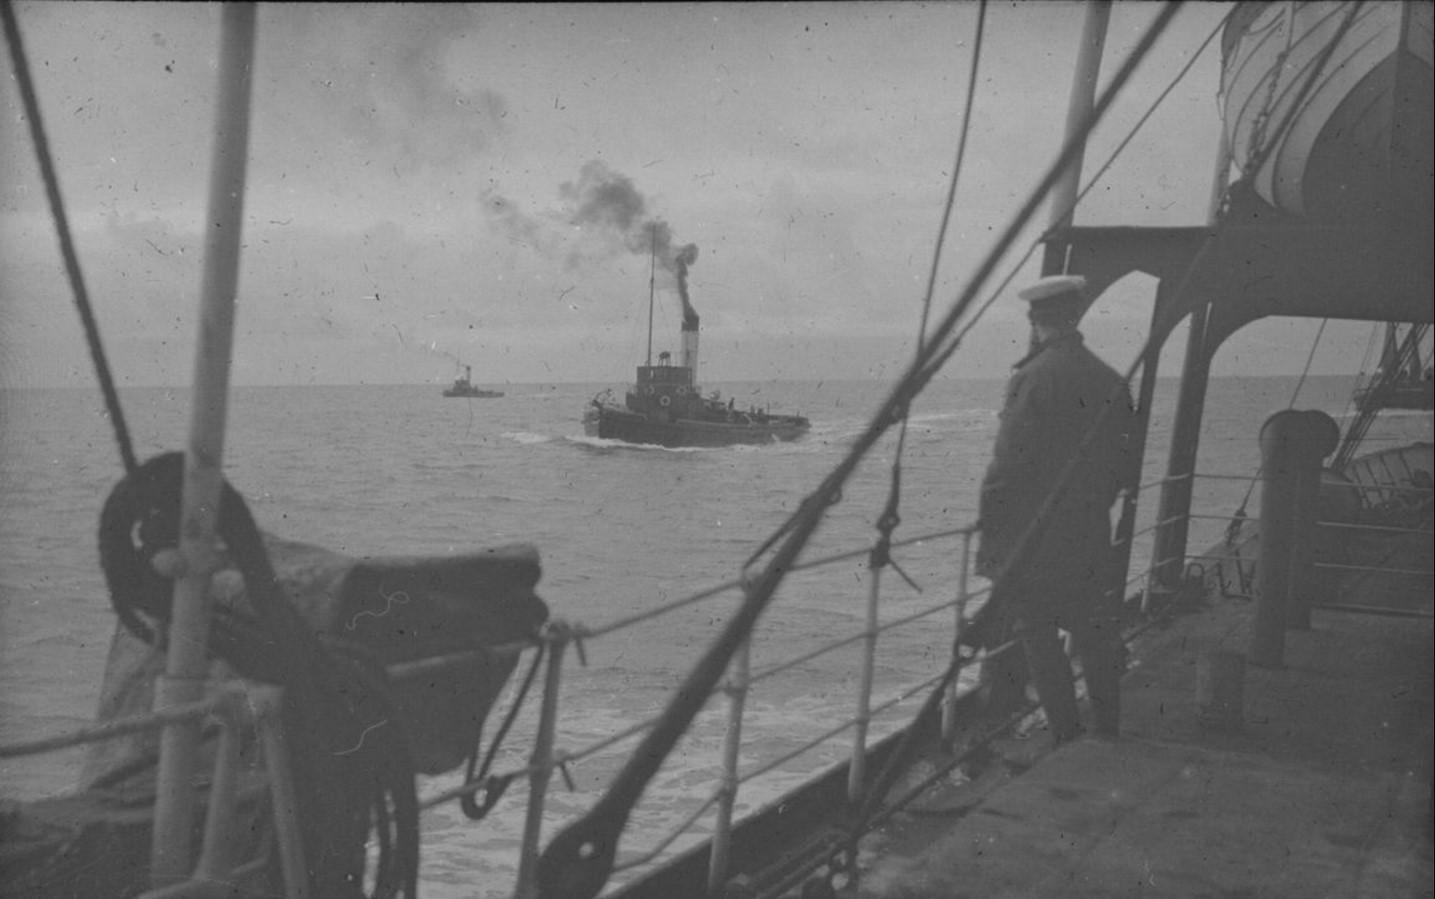 18 – 23 августа 1914. Вид с палубы парохода «Рагна» на суда в Северном Ледовитом океане. На переднем плане – боцман при подготовке к спуску плавательных средств на воду